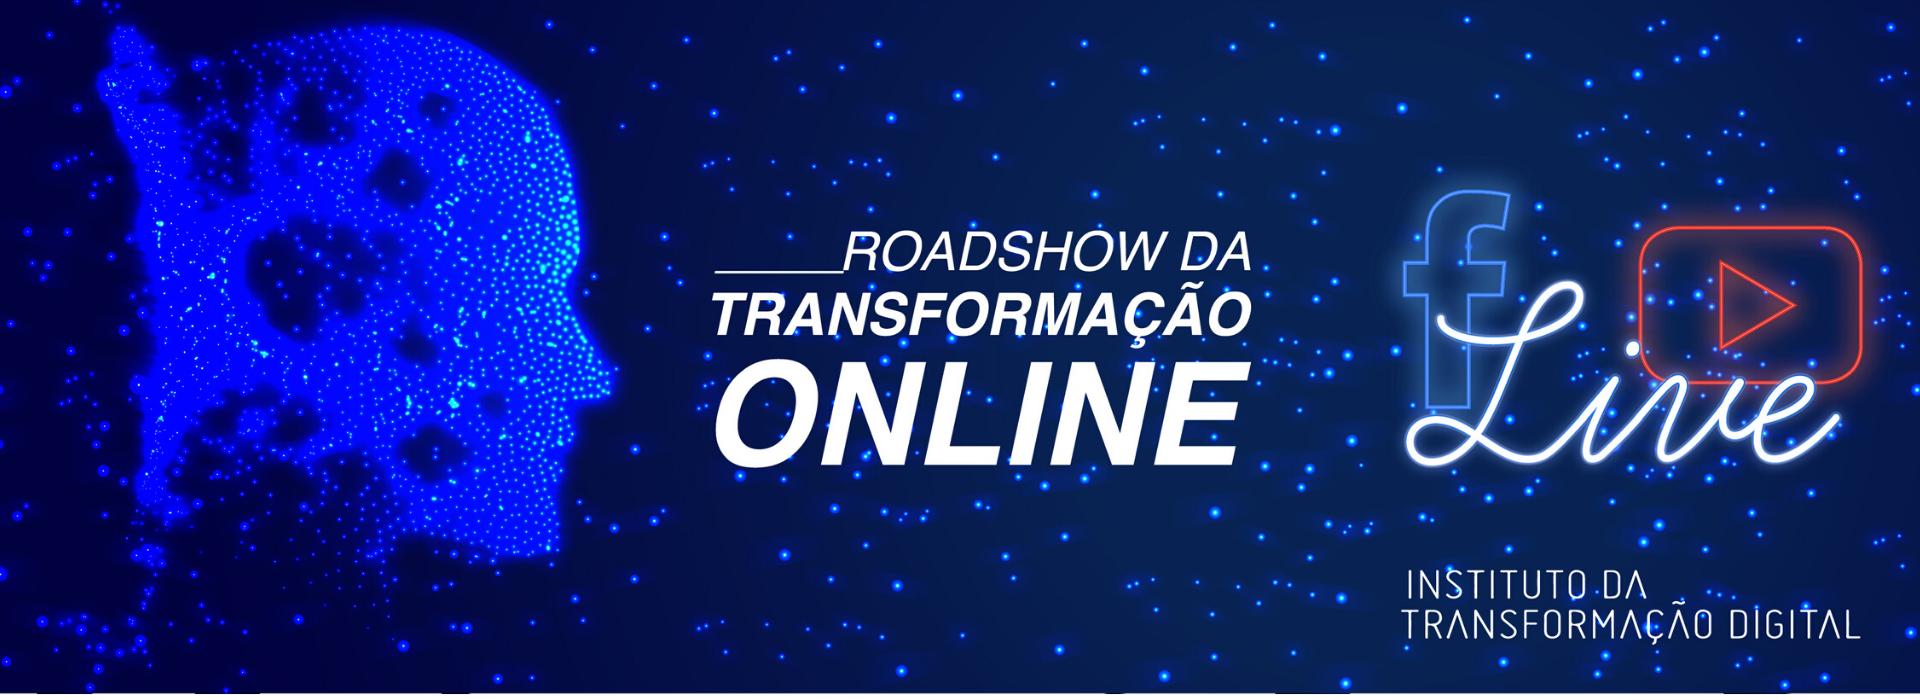 Roadshow da Transformação Online